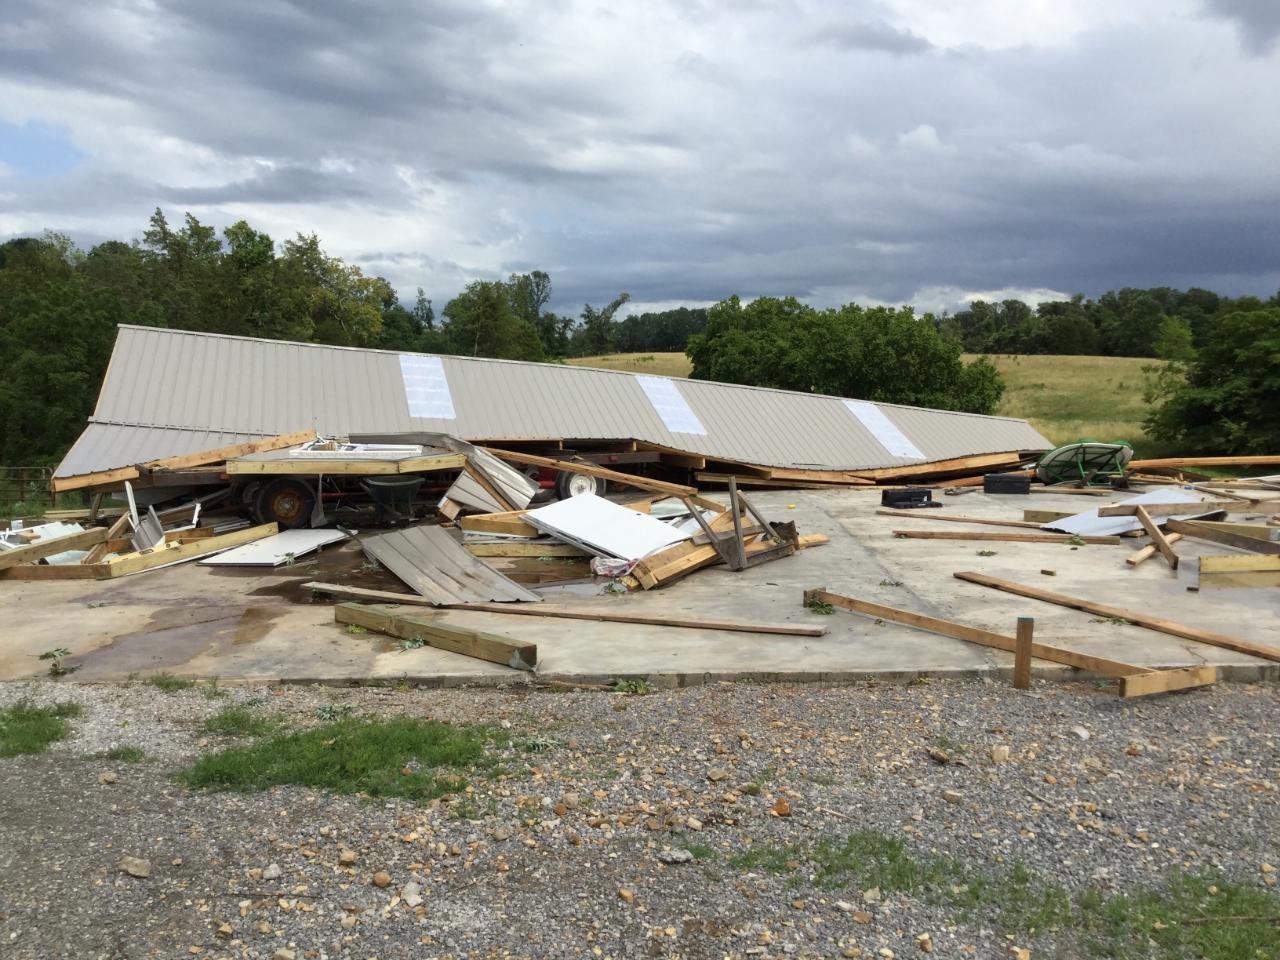 Tornado damage in Allen County, KY on June 21, 2019